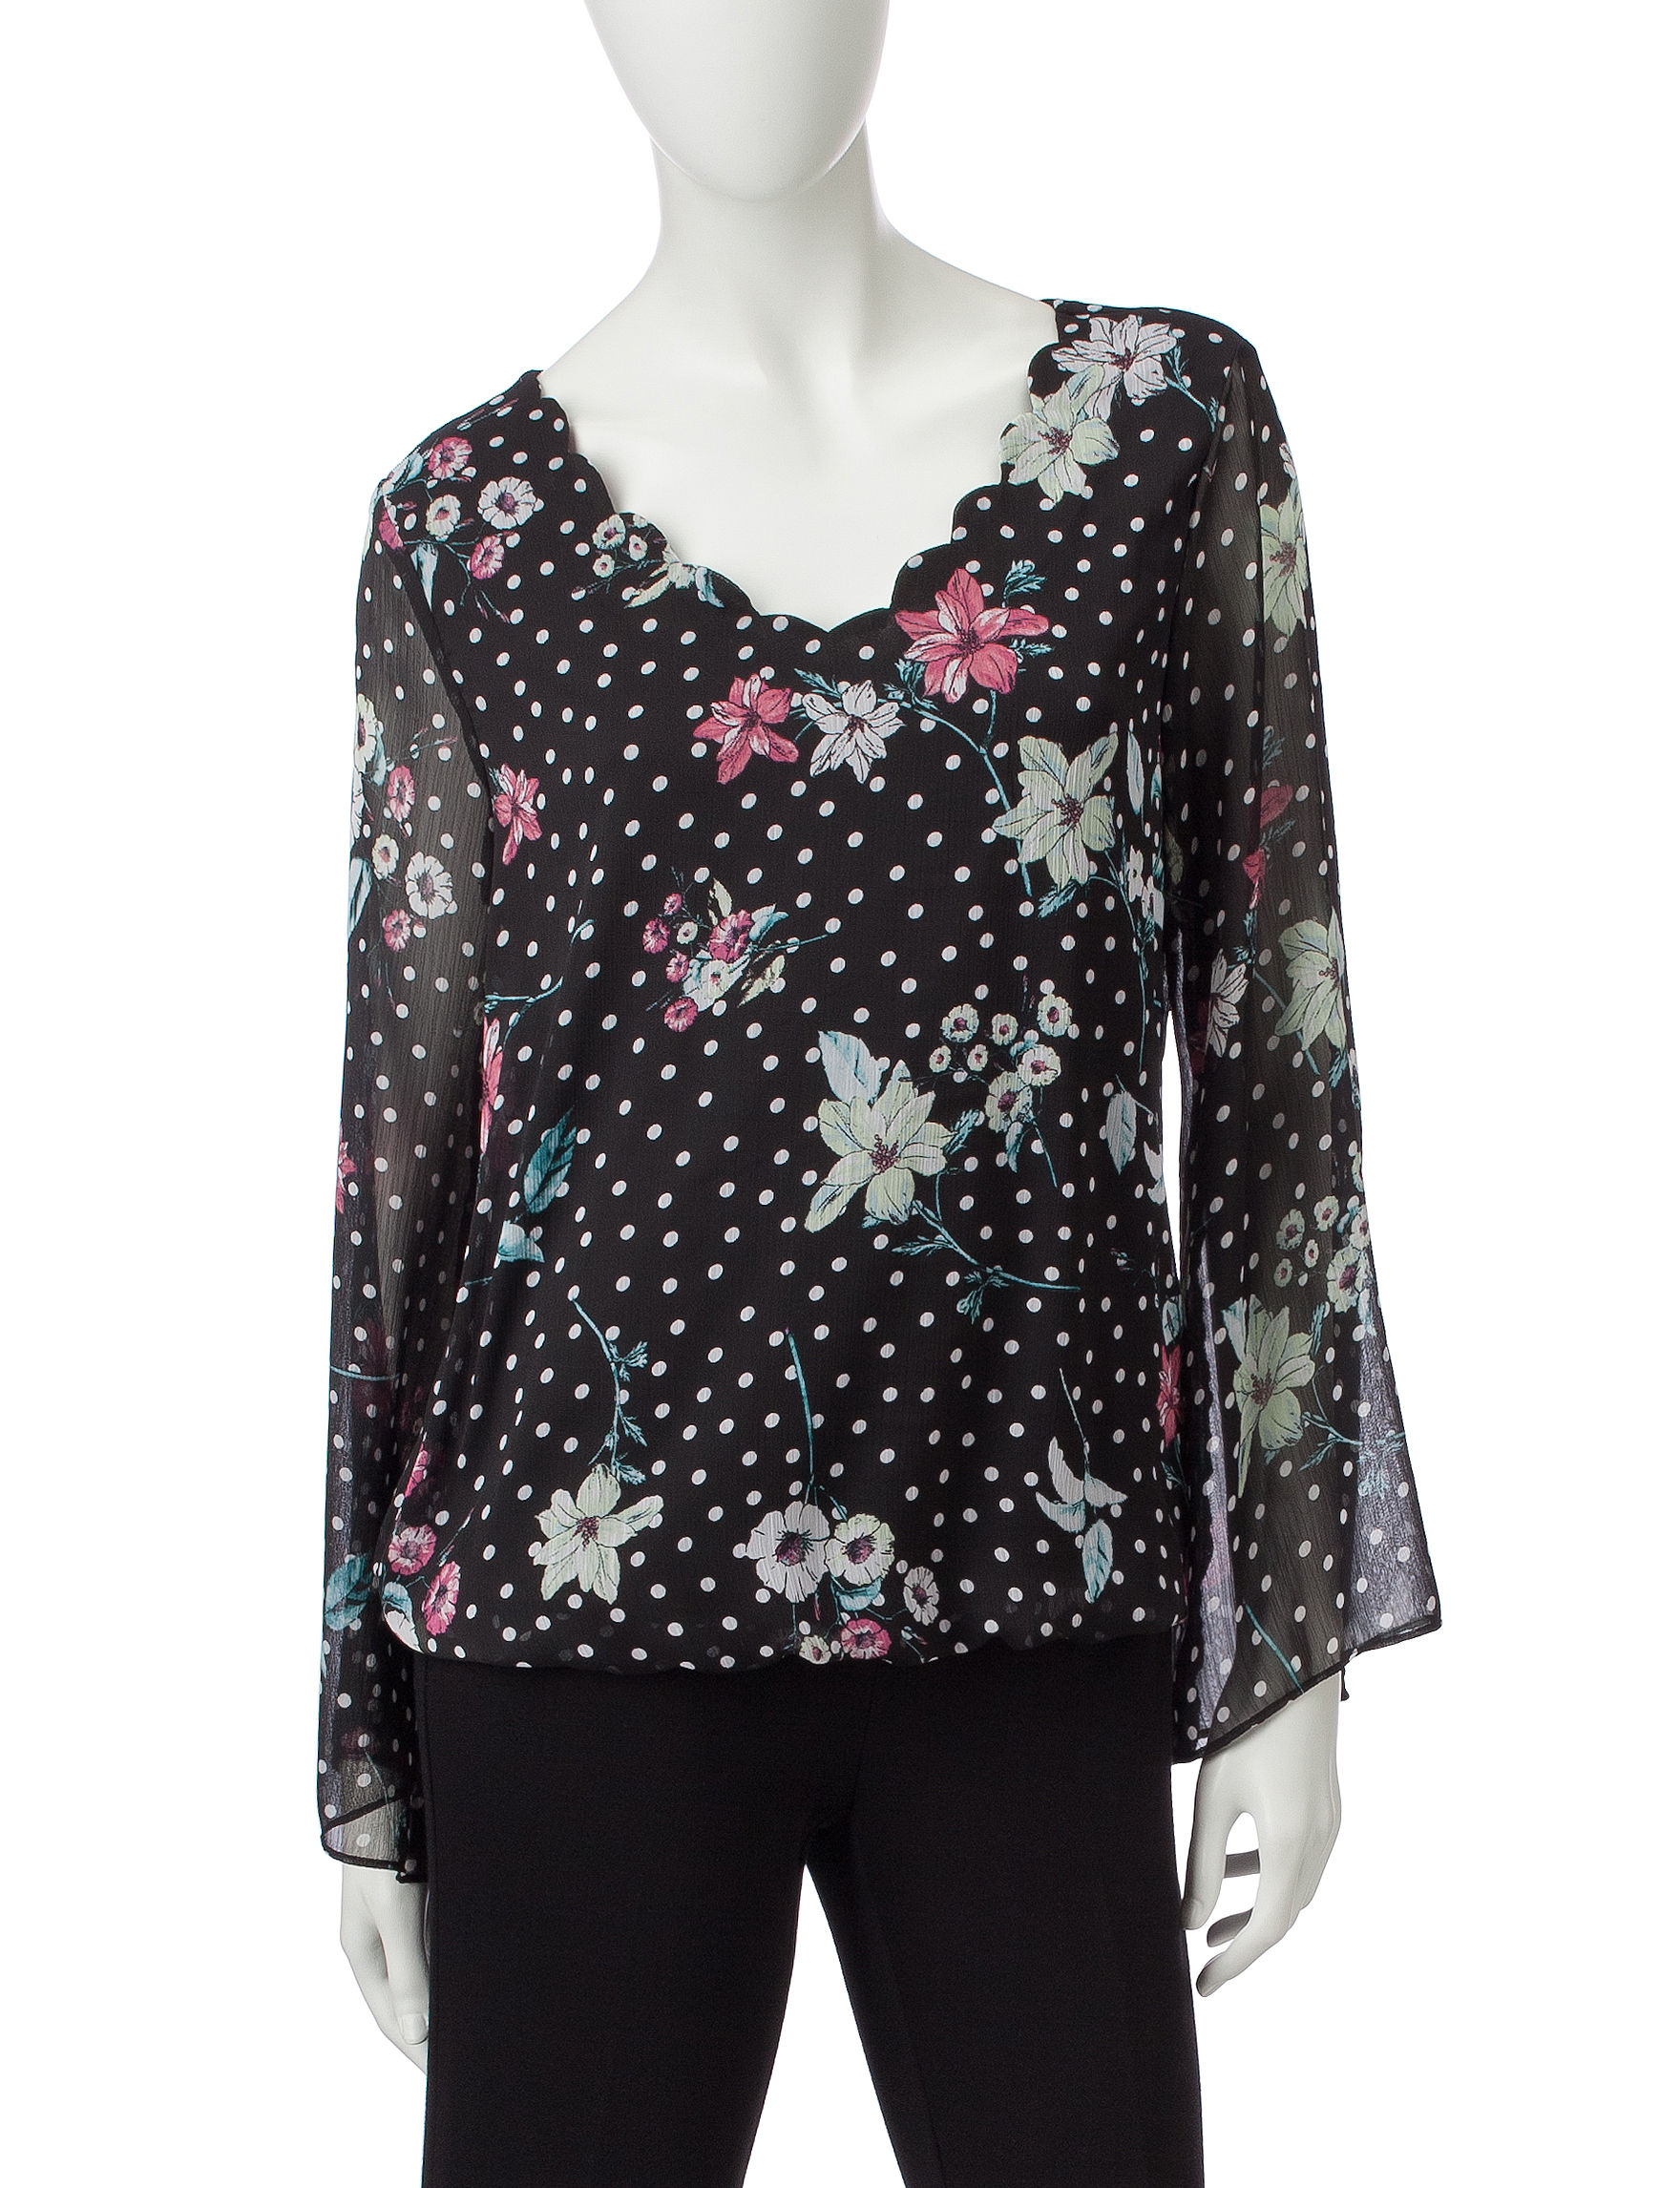 A. Byer Black Multi Shirts & Blouses